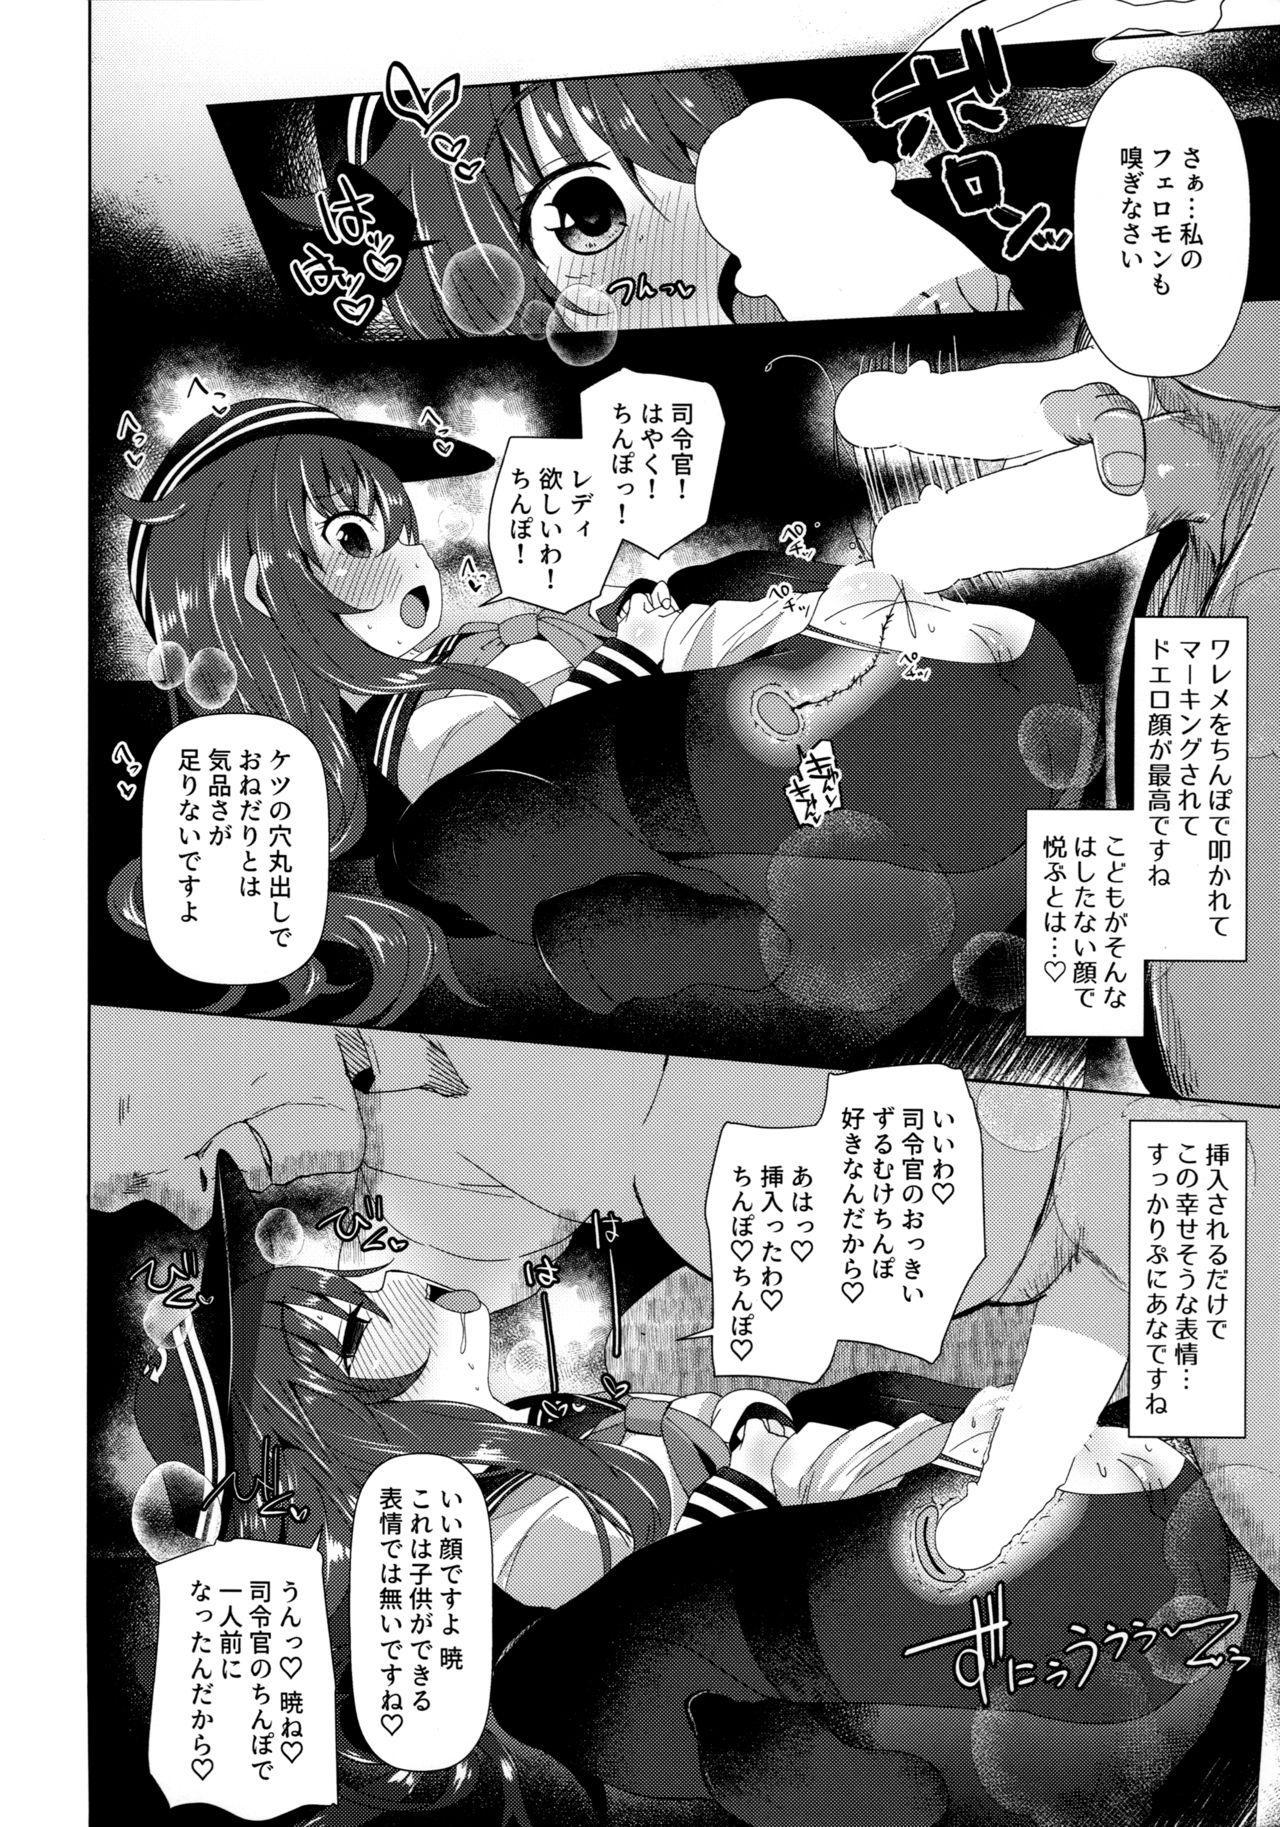 Dairoku Seikatsu 4